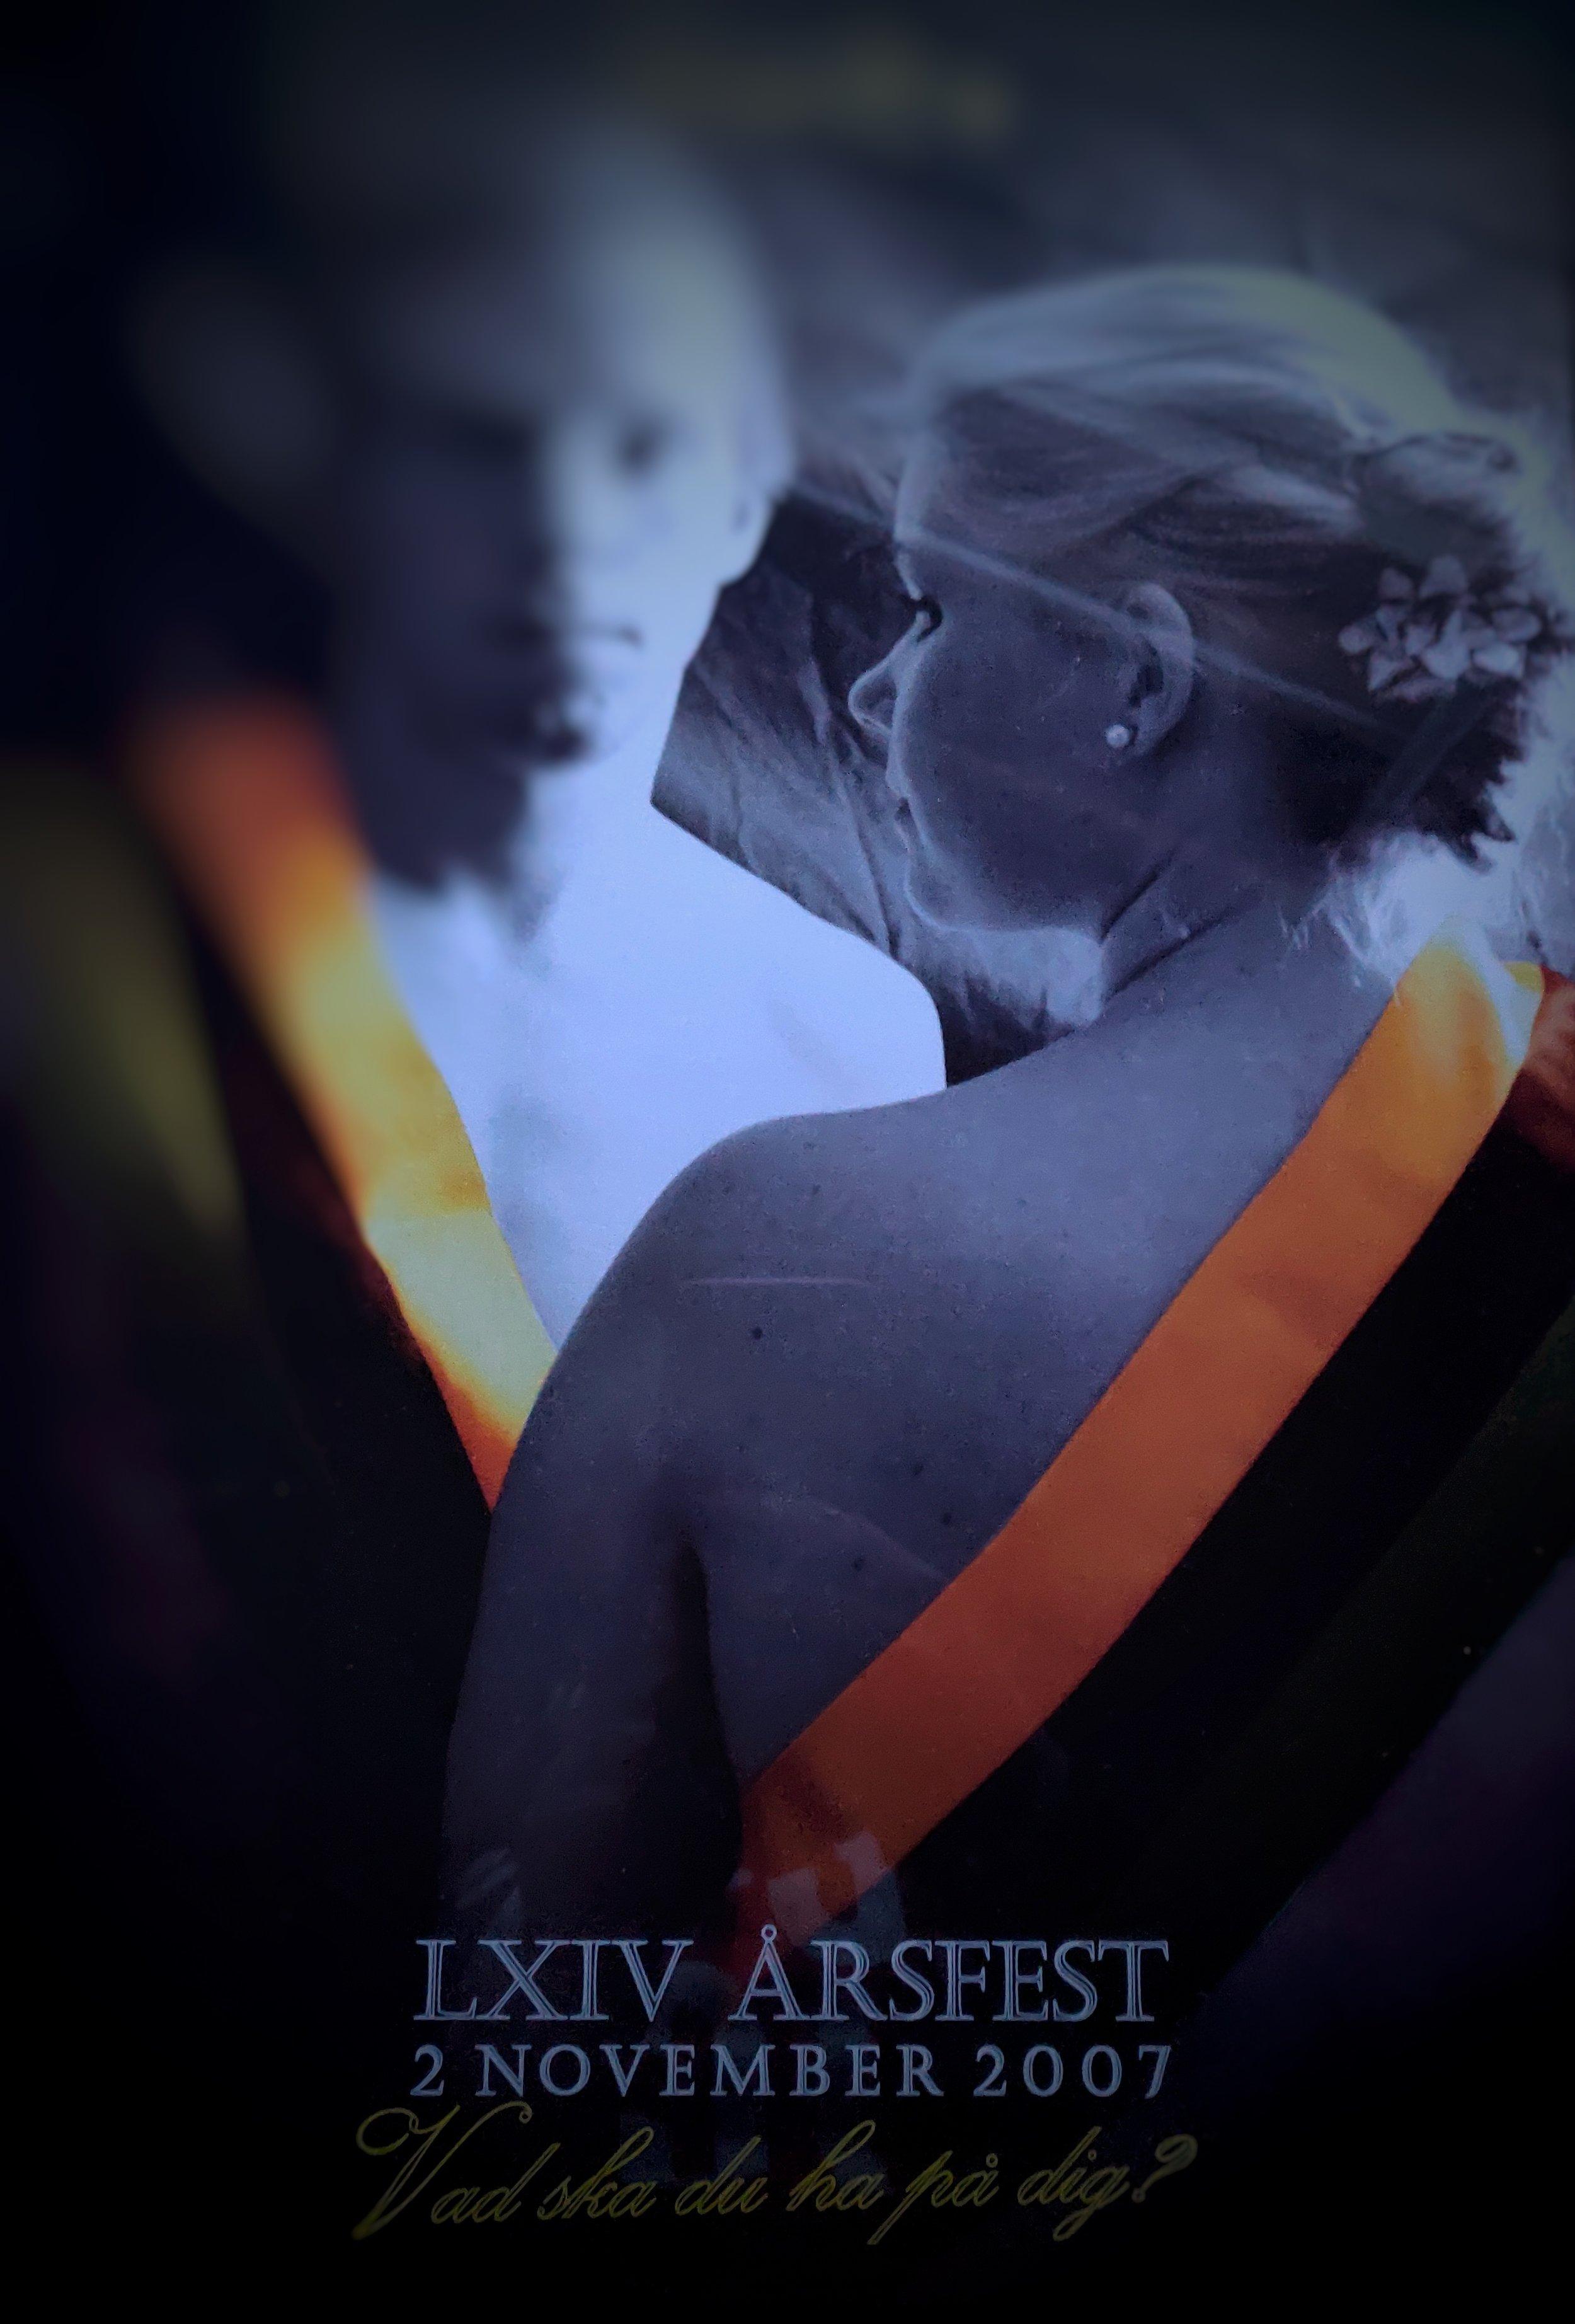 """Reklam för StudOrgs årsfest 2007. Hade glömt bort denna, men hittade den på landet. Liksom """"naken""""reklam, haha!"""